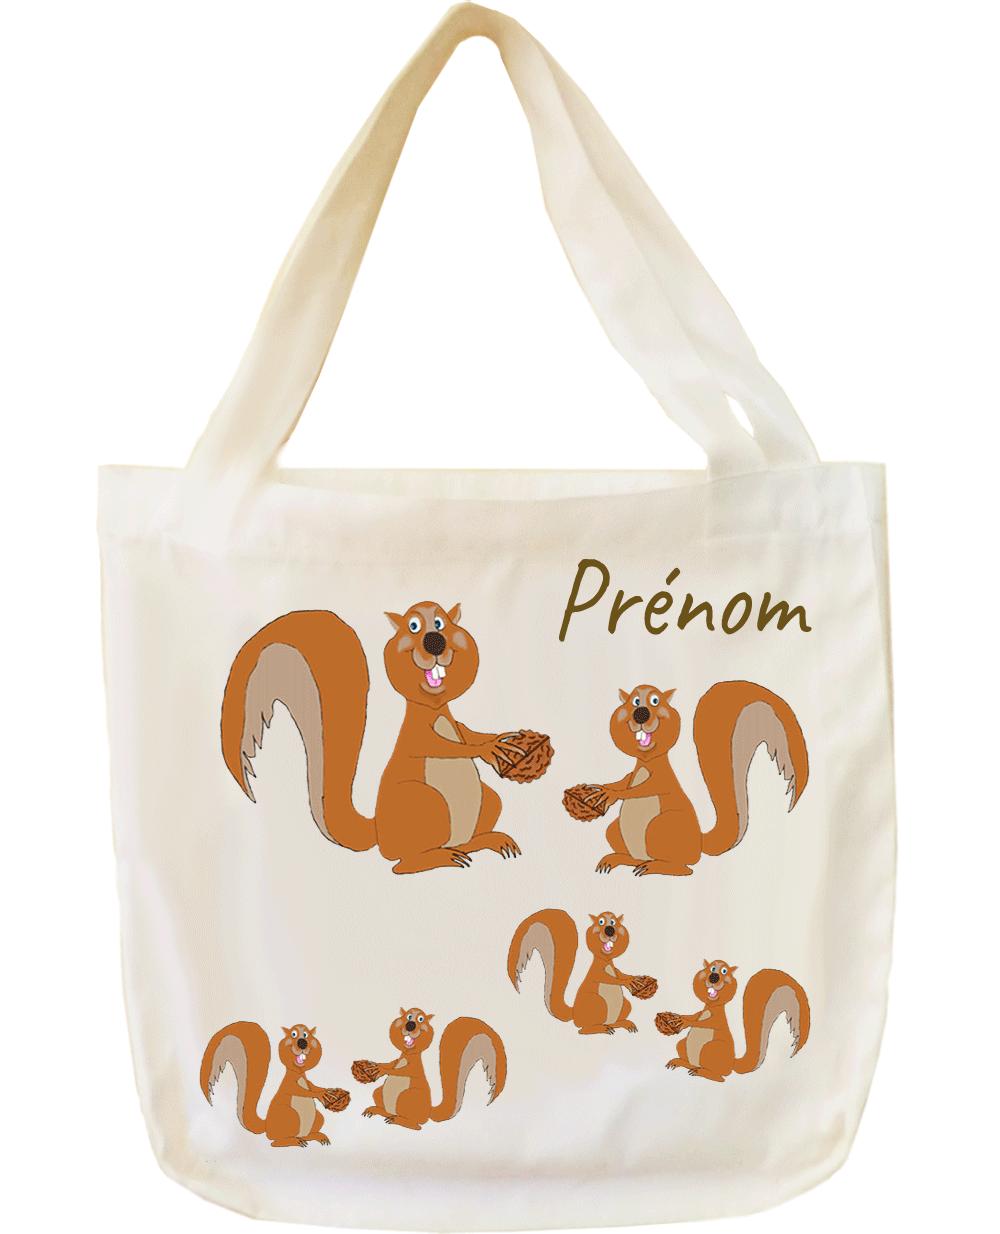 tote-bag;sac;cabas;texti;cadeaux;personnalisable;personnalisation;personnalise;prenom;animal;ecureuil;noix